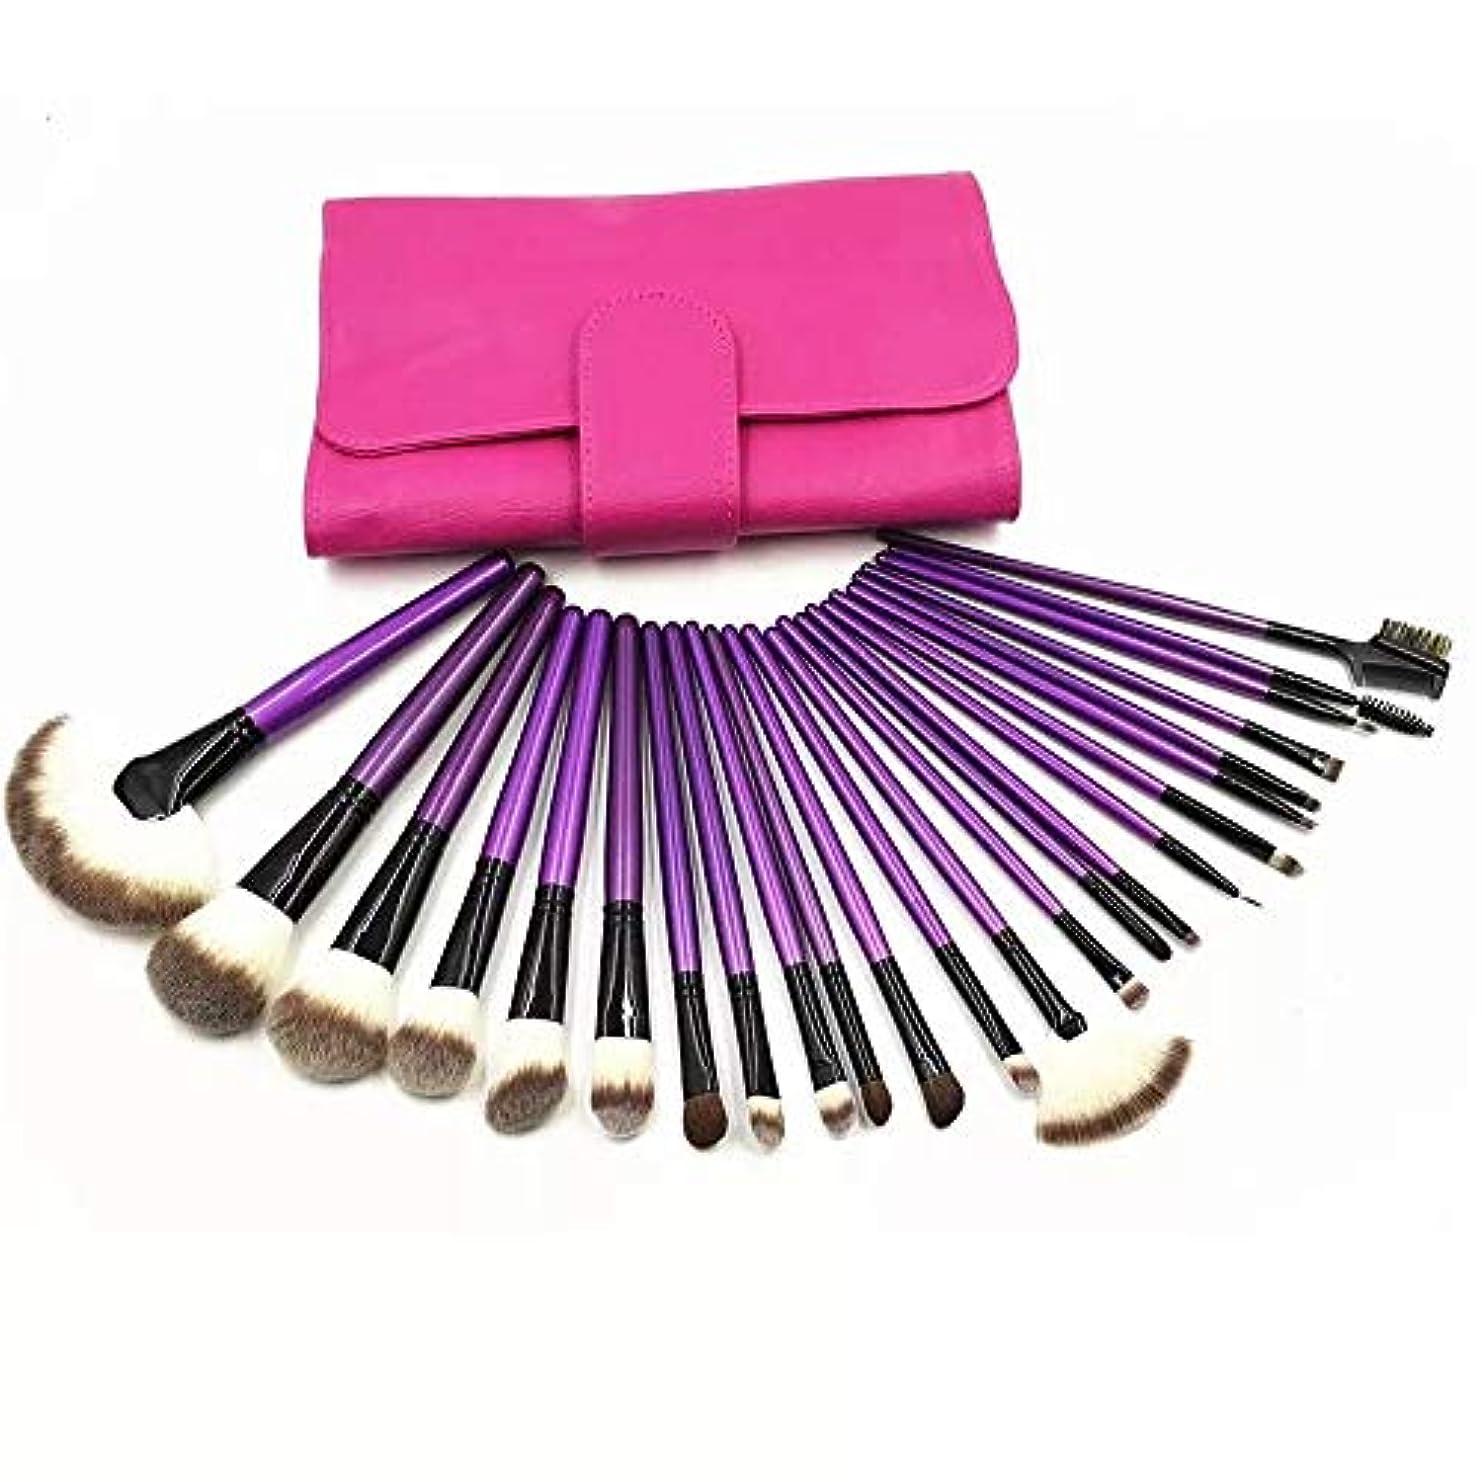 リーズ受動的早くMakeup brushes 多様性に富んだ完璧な使用、あなたの必要性を許すために保護袖が付いている24の専門の構造のブラシの場所 suits (Color : Purple)